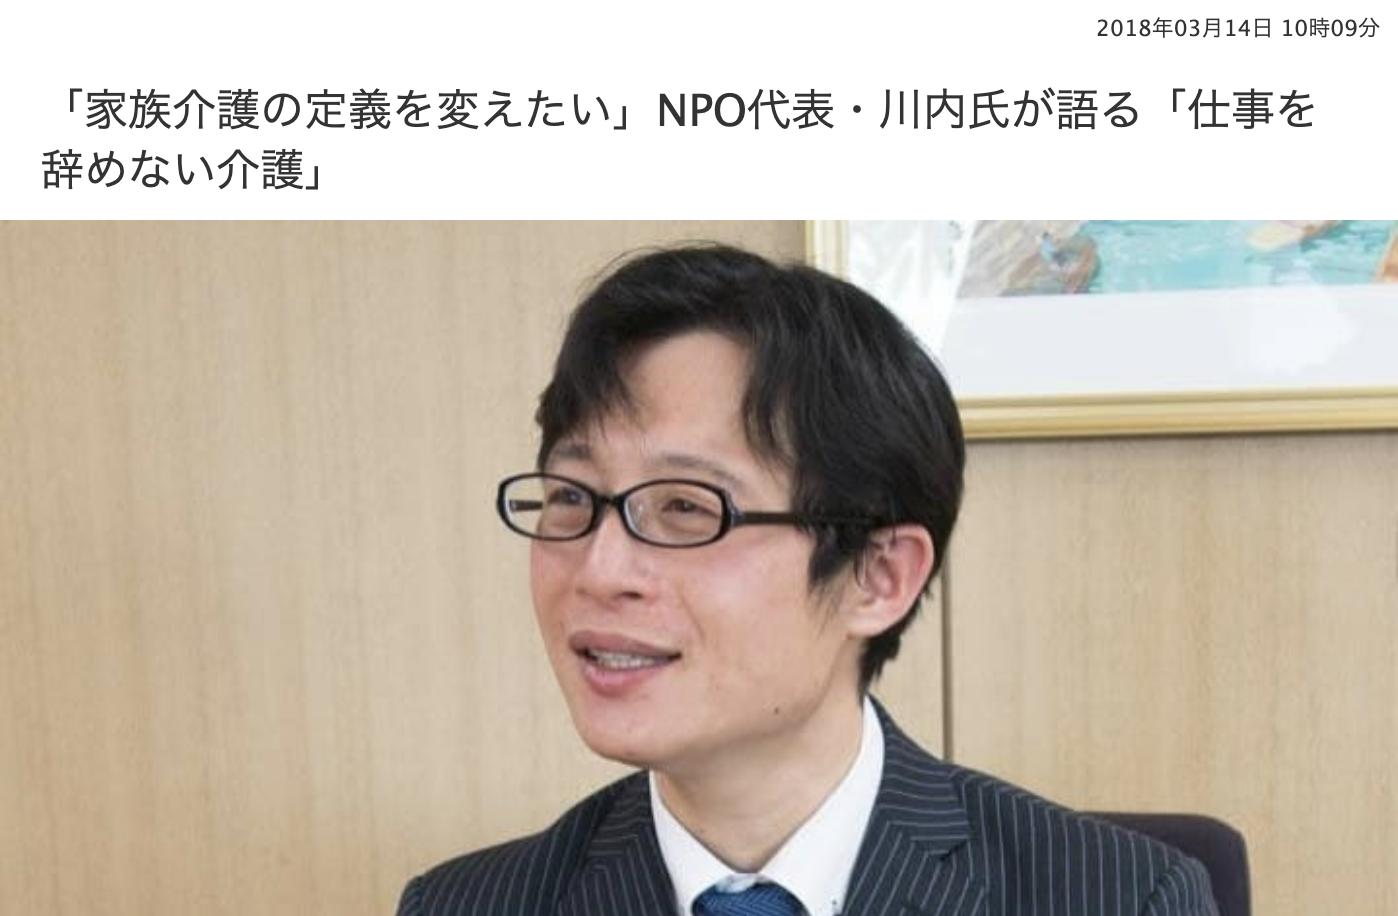 弁護士ドットコムニュース『「家族介護の定義を変えたい」NPO代表・川内氏が語る「仕事を辞めない介護」』